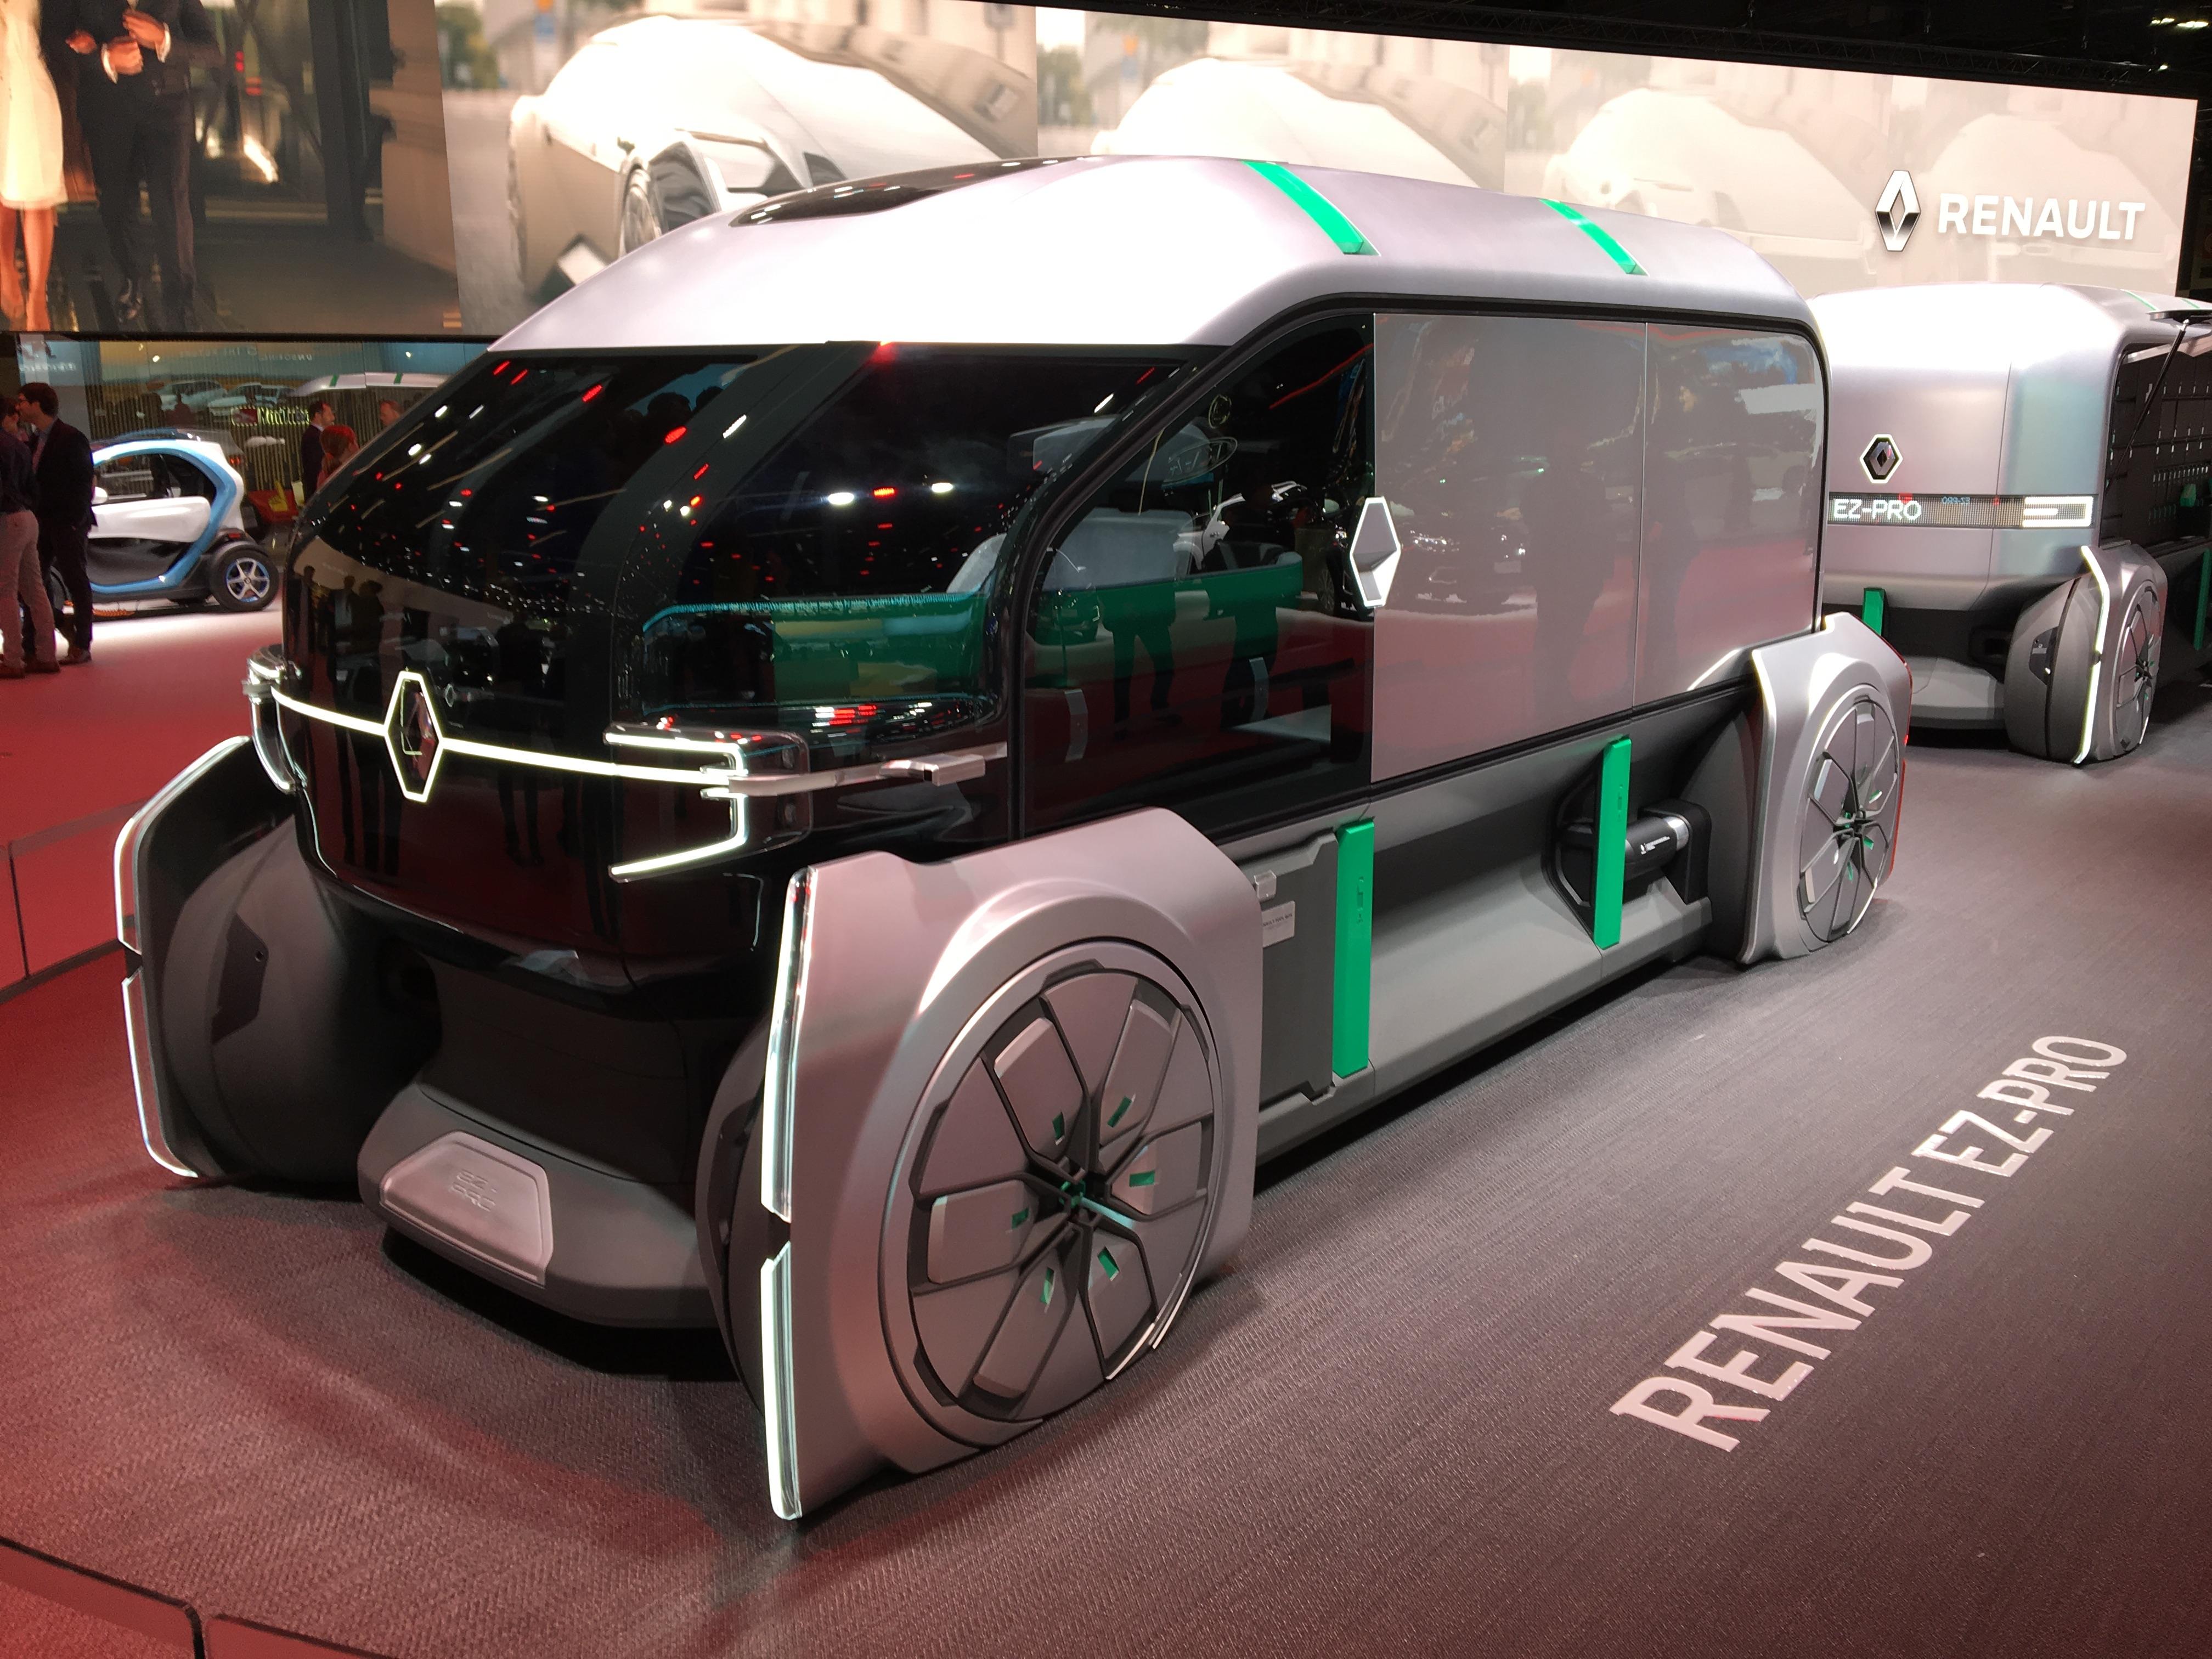 Renault Ez Pro Concept La Livraison De Demain En Direct Du